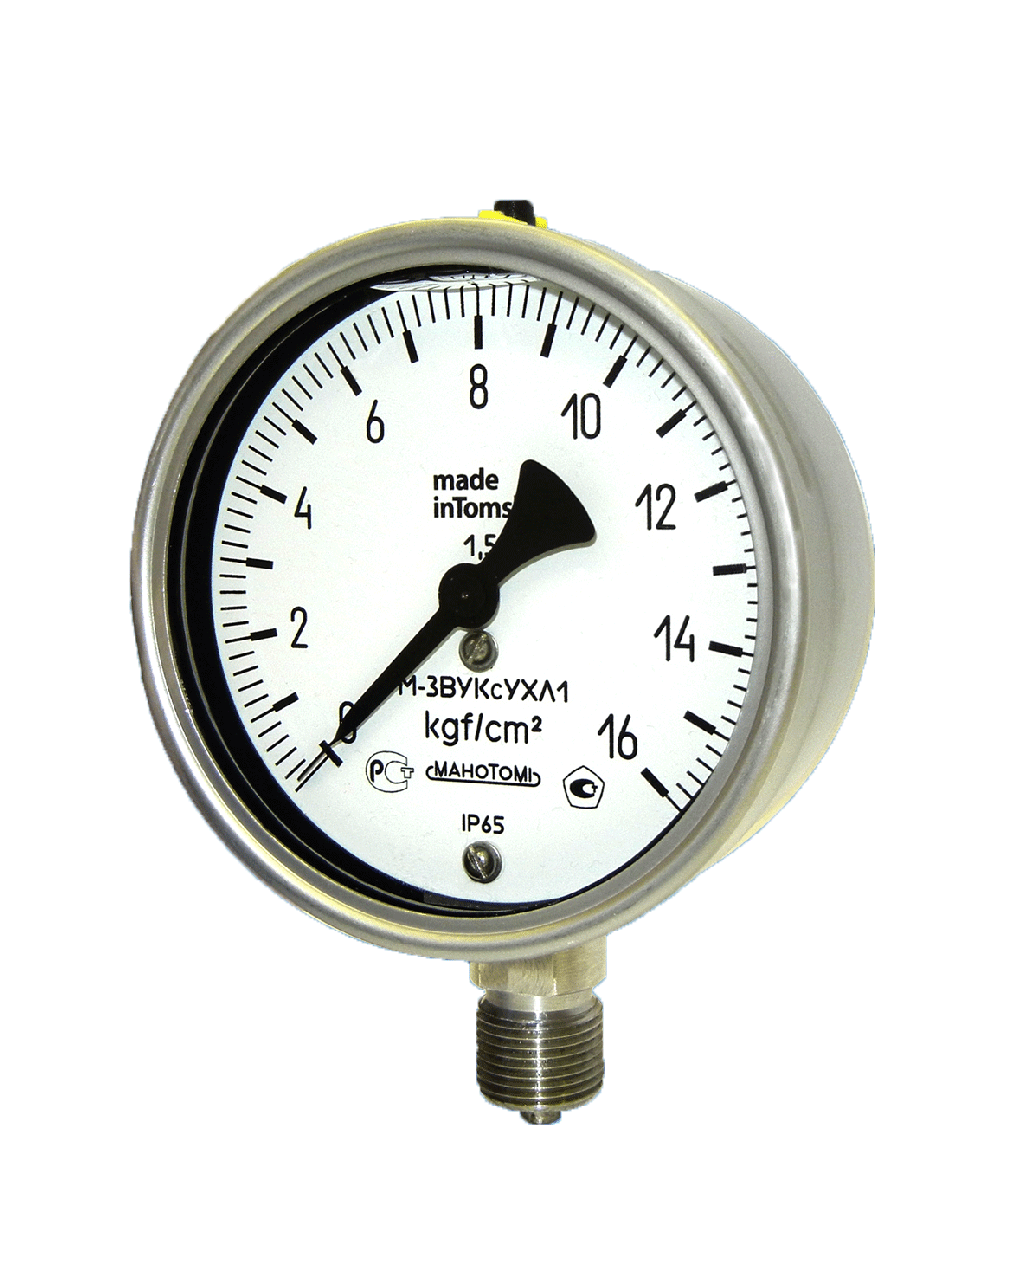 Манометры, вакуумметры, мановакуумметры М-3ВУКс, В-3ВУКс, МВ-3ВУКс